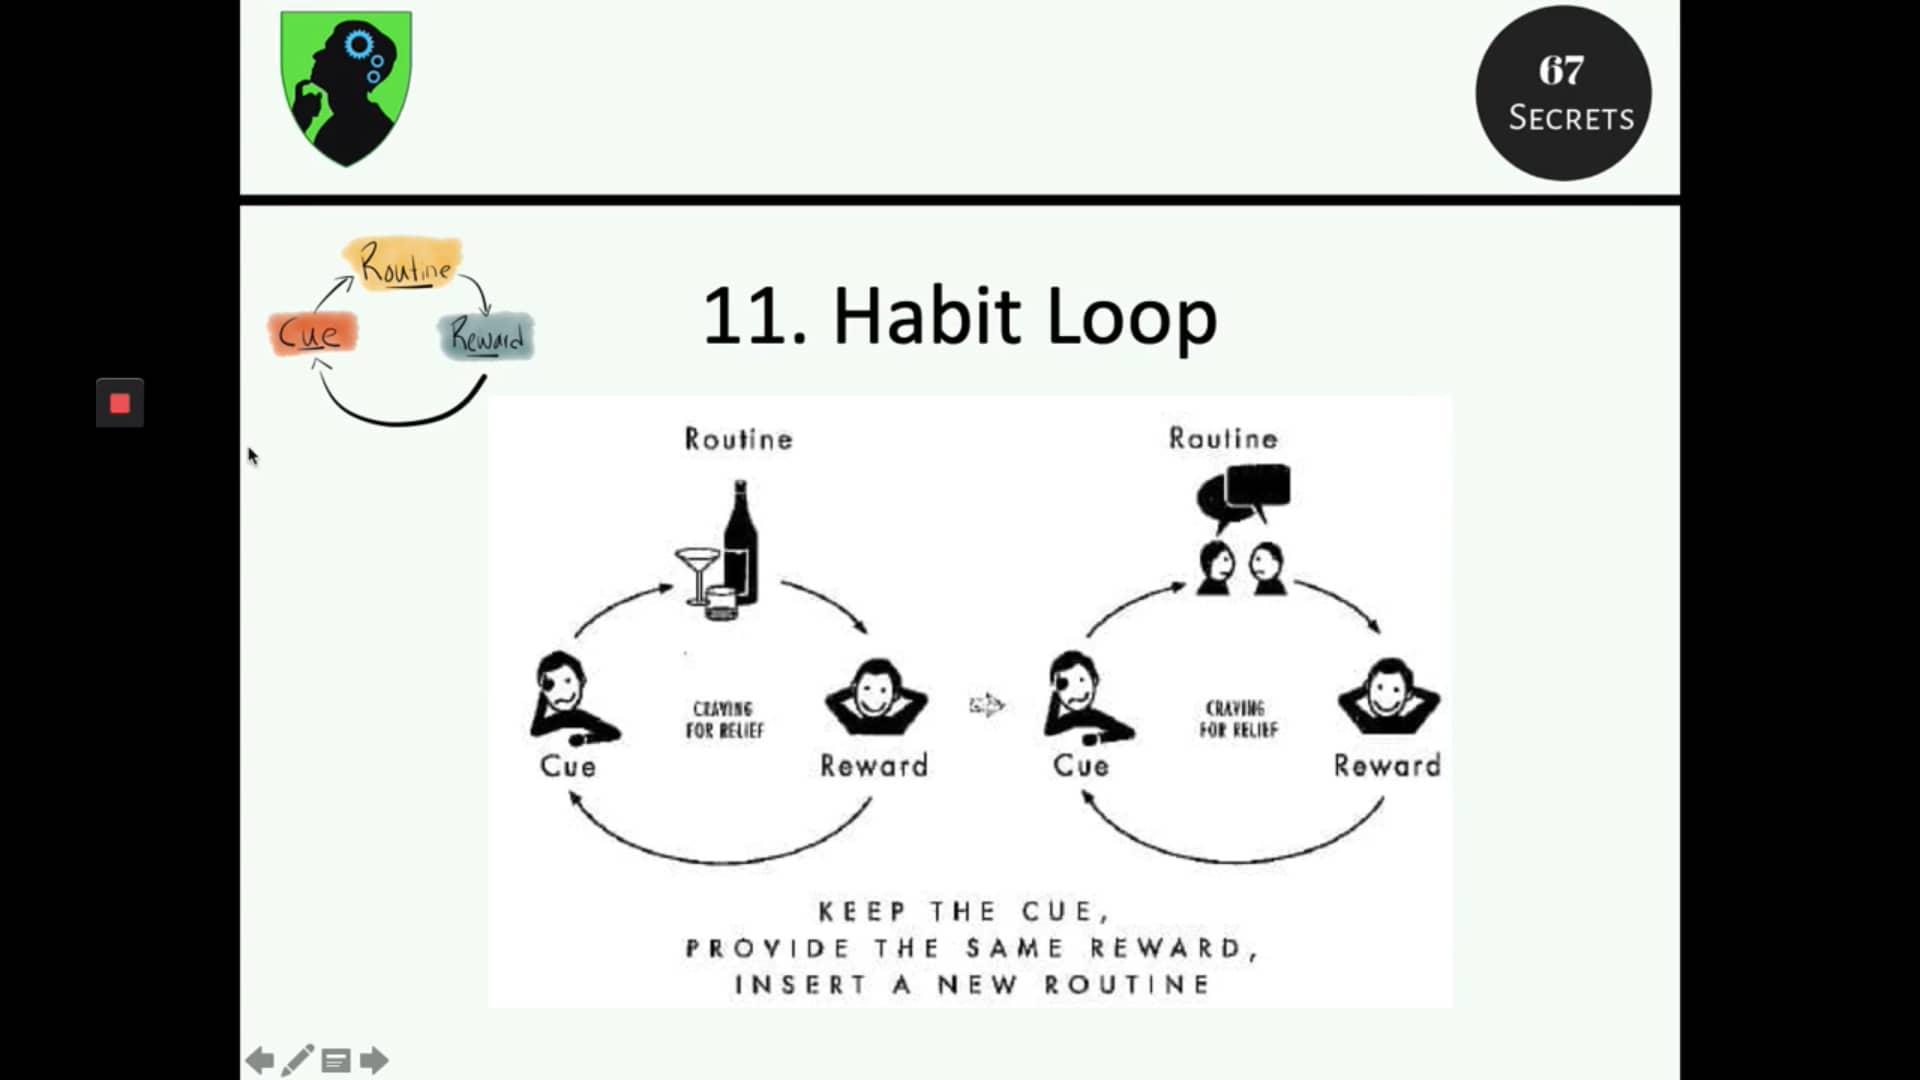 11. Habit loop